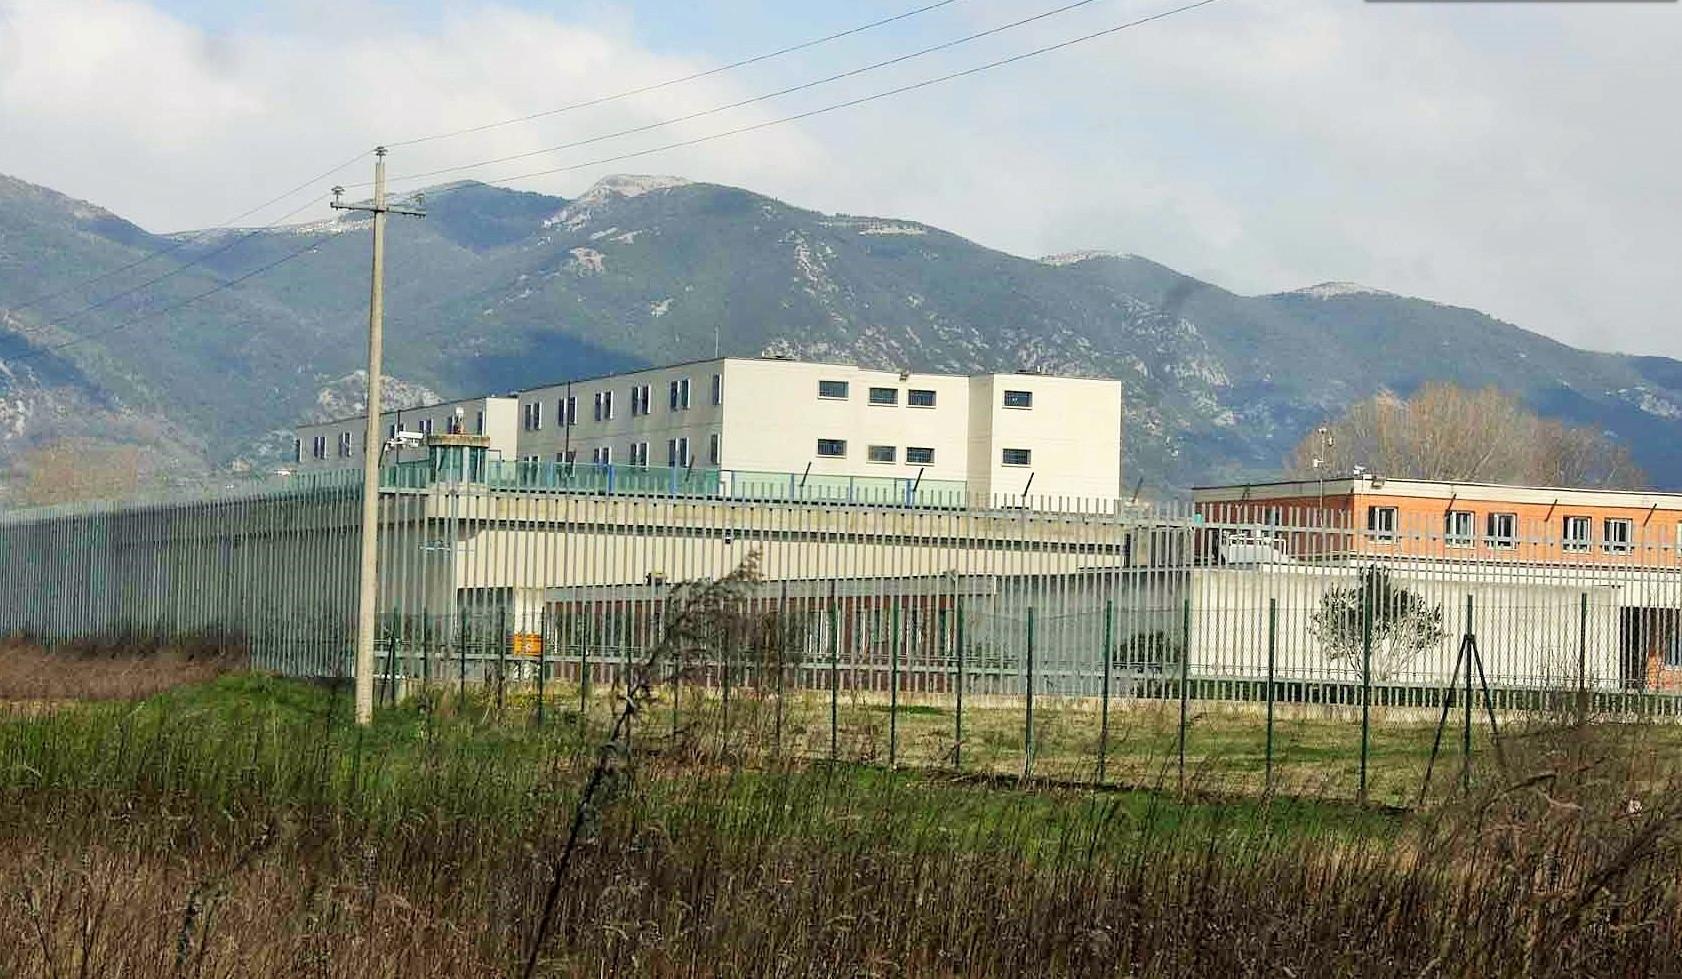 carcere-di-terni-foto-mirimao-2